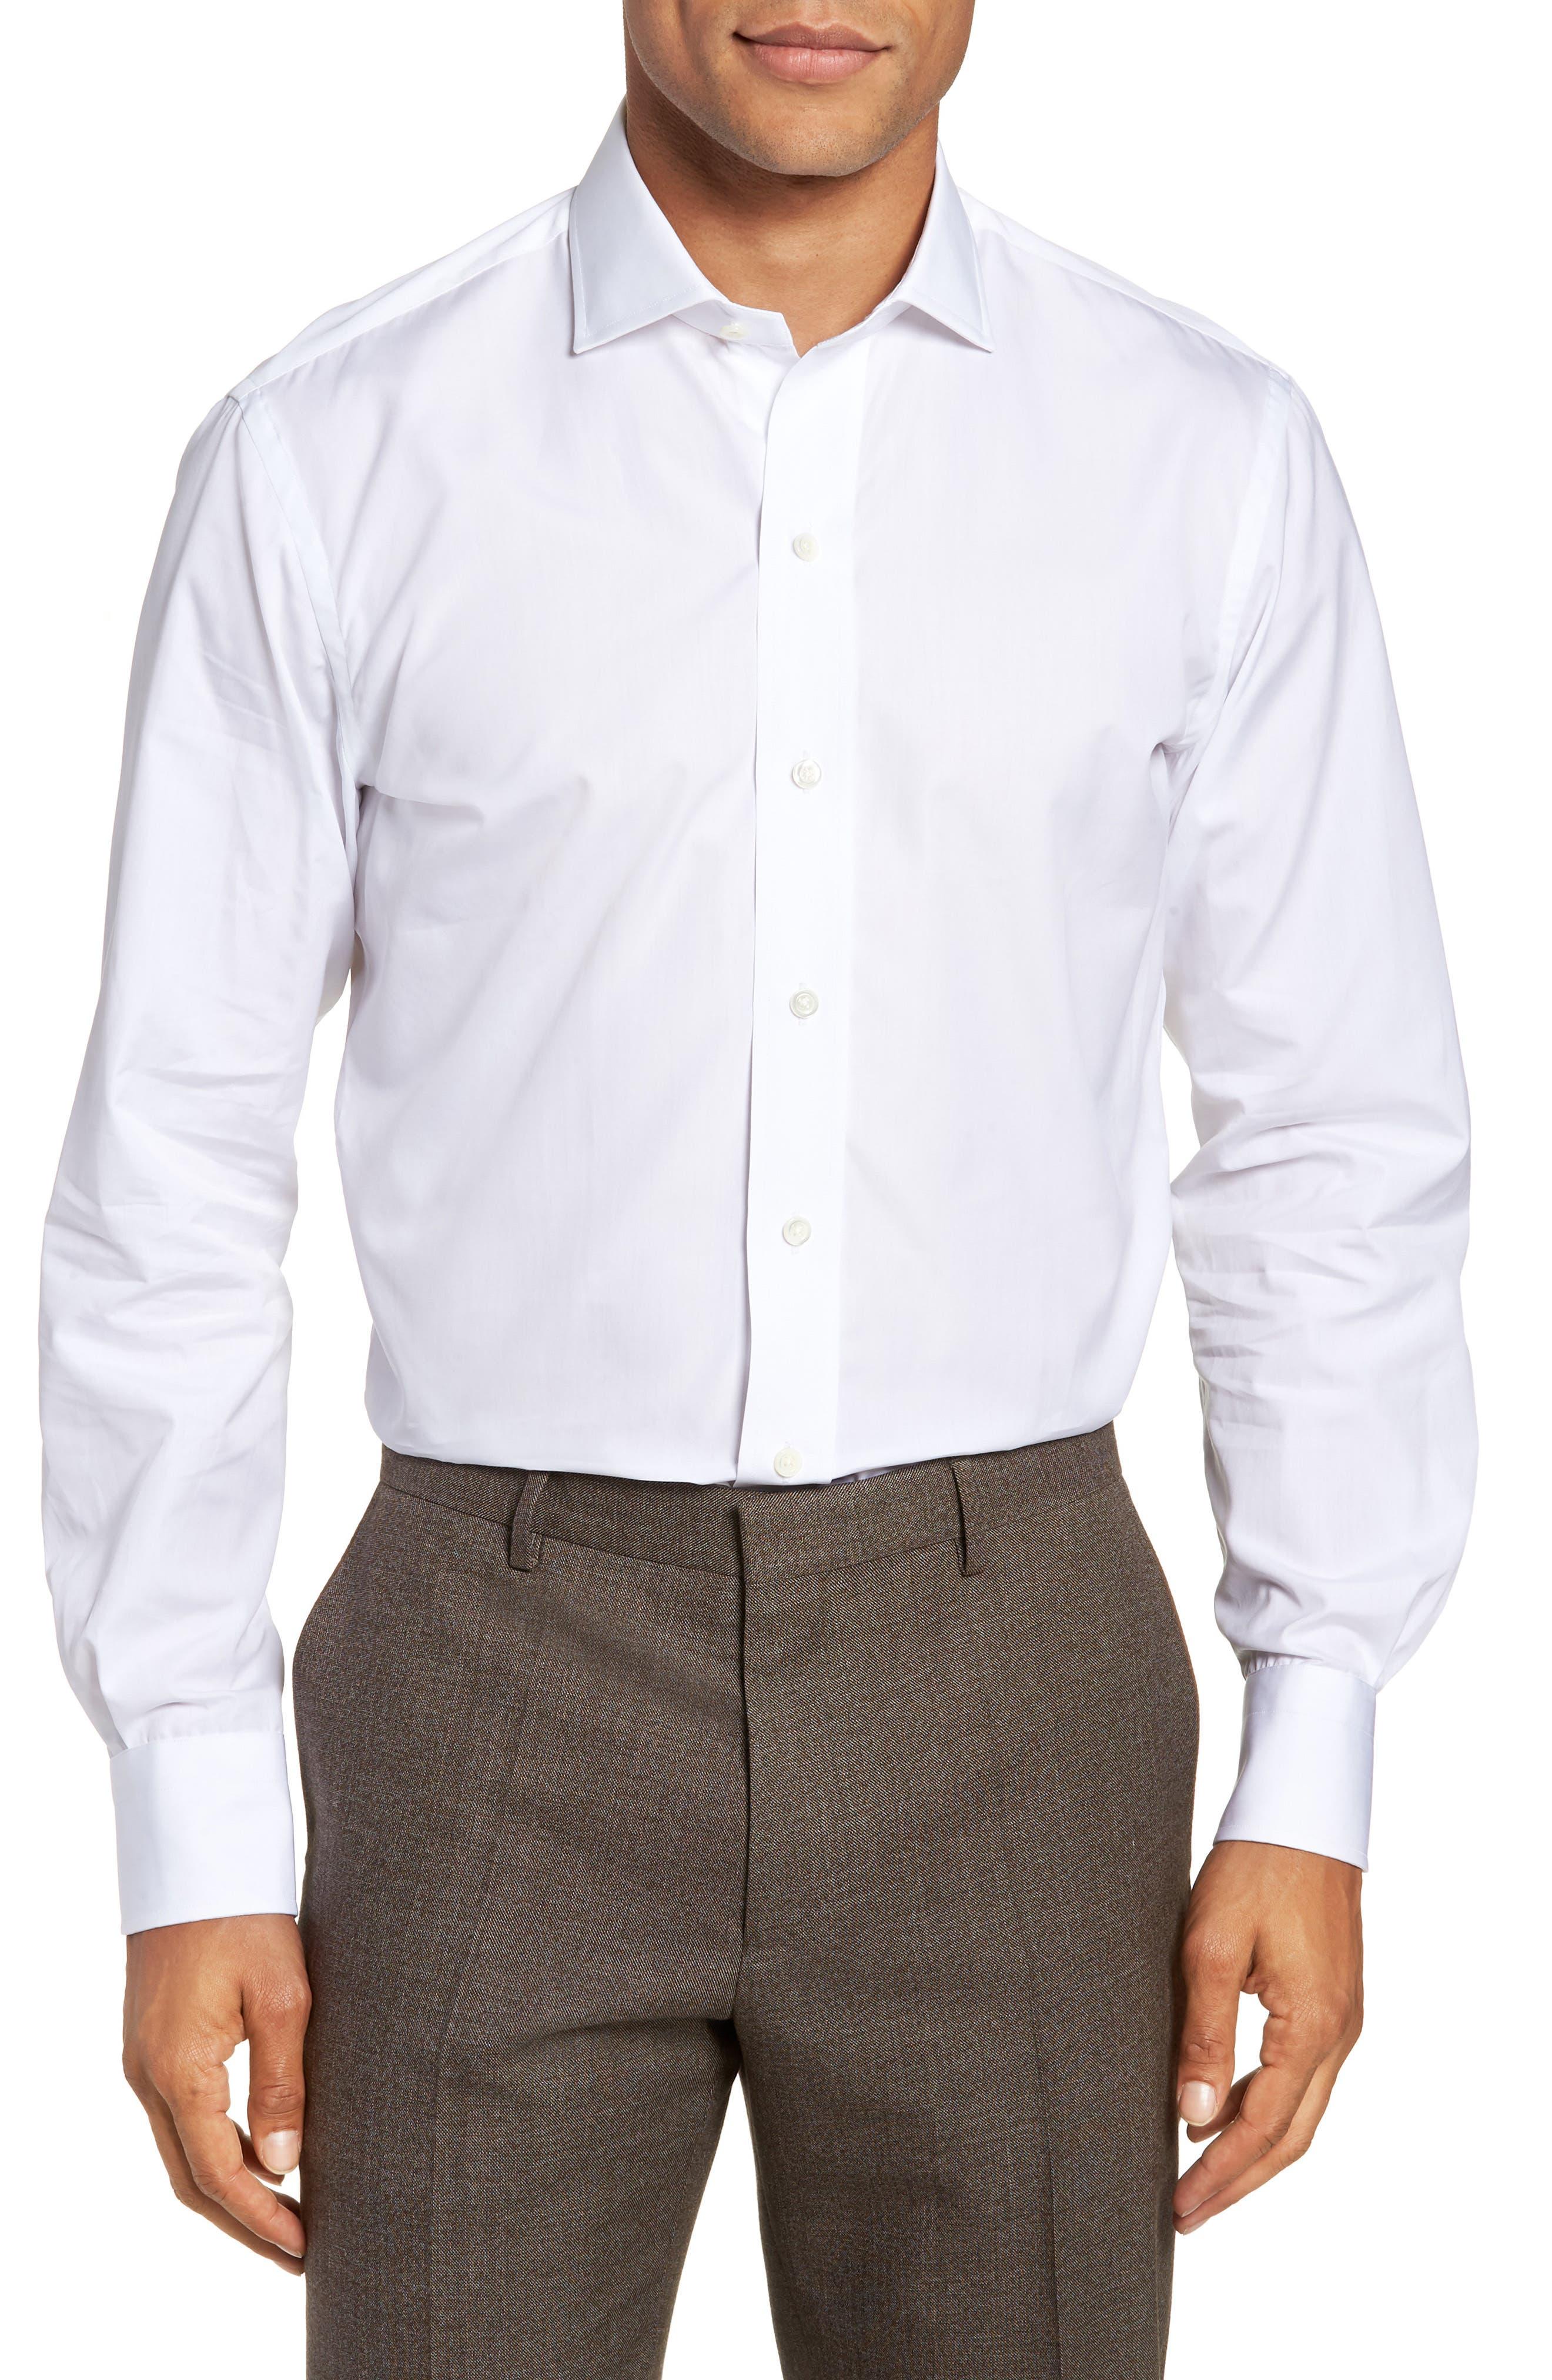 LEDBURY Slim Fit Poplin Dress Shirt in White